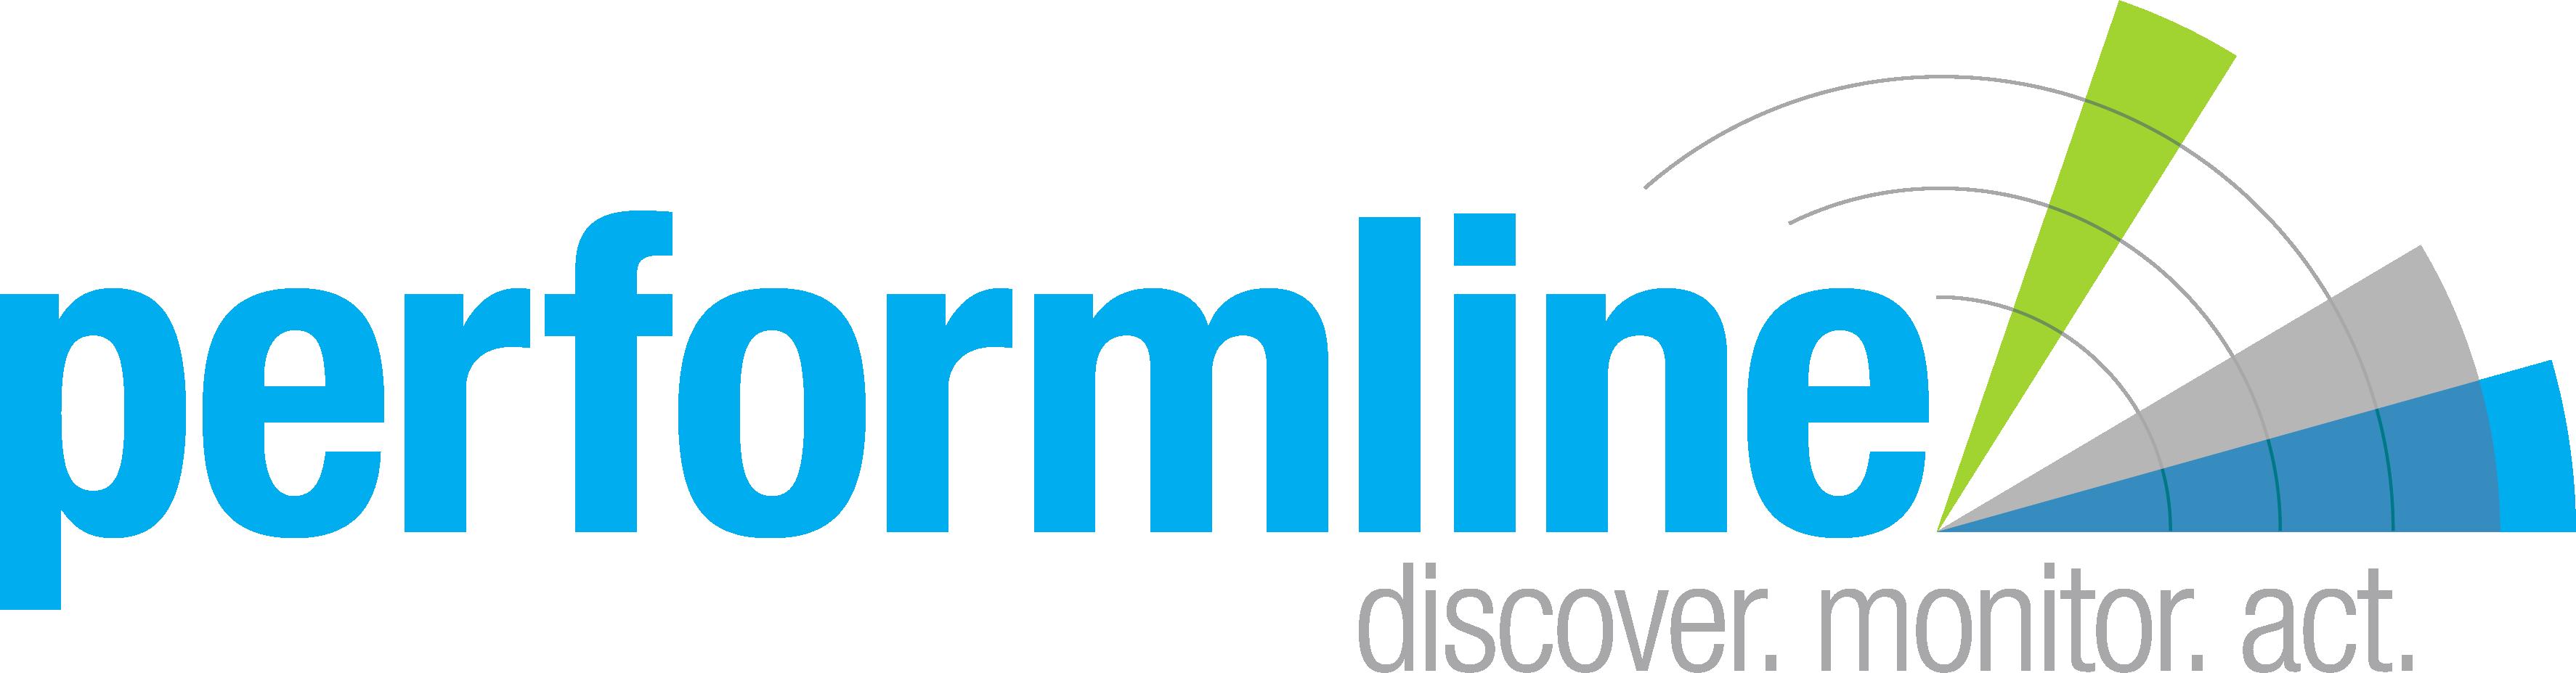 PL_Logo_RGB-Blue_Tagline_FINAL-9